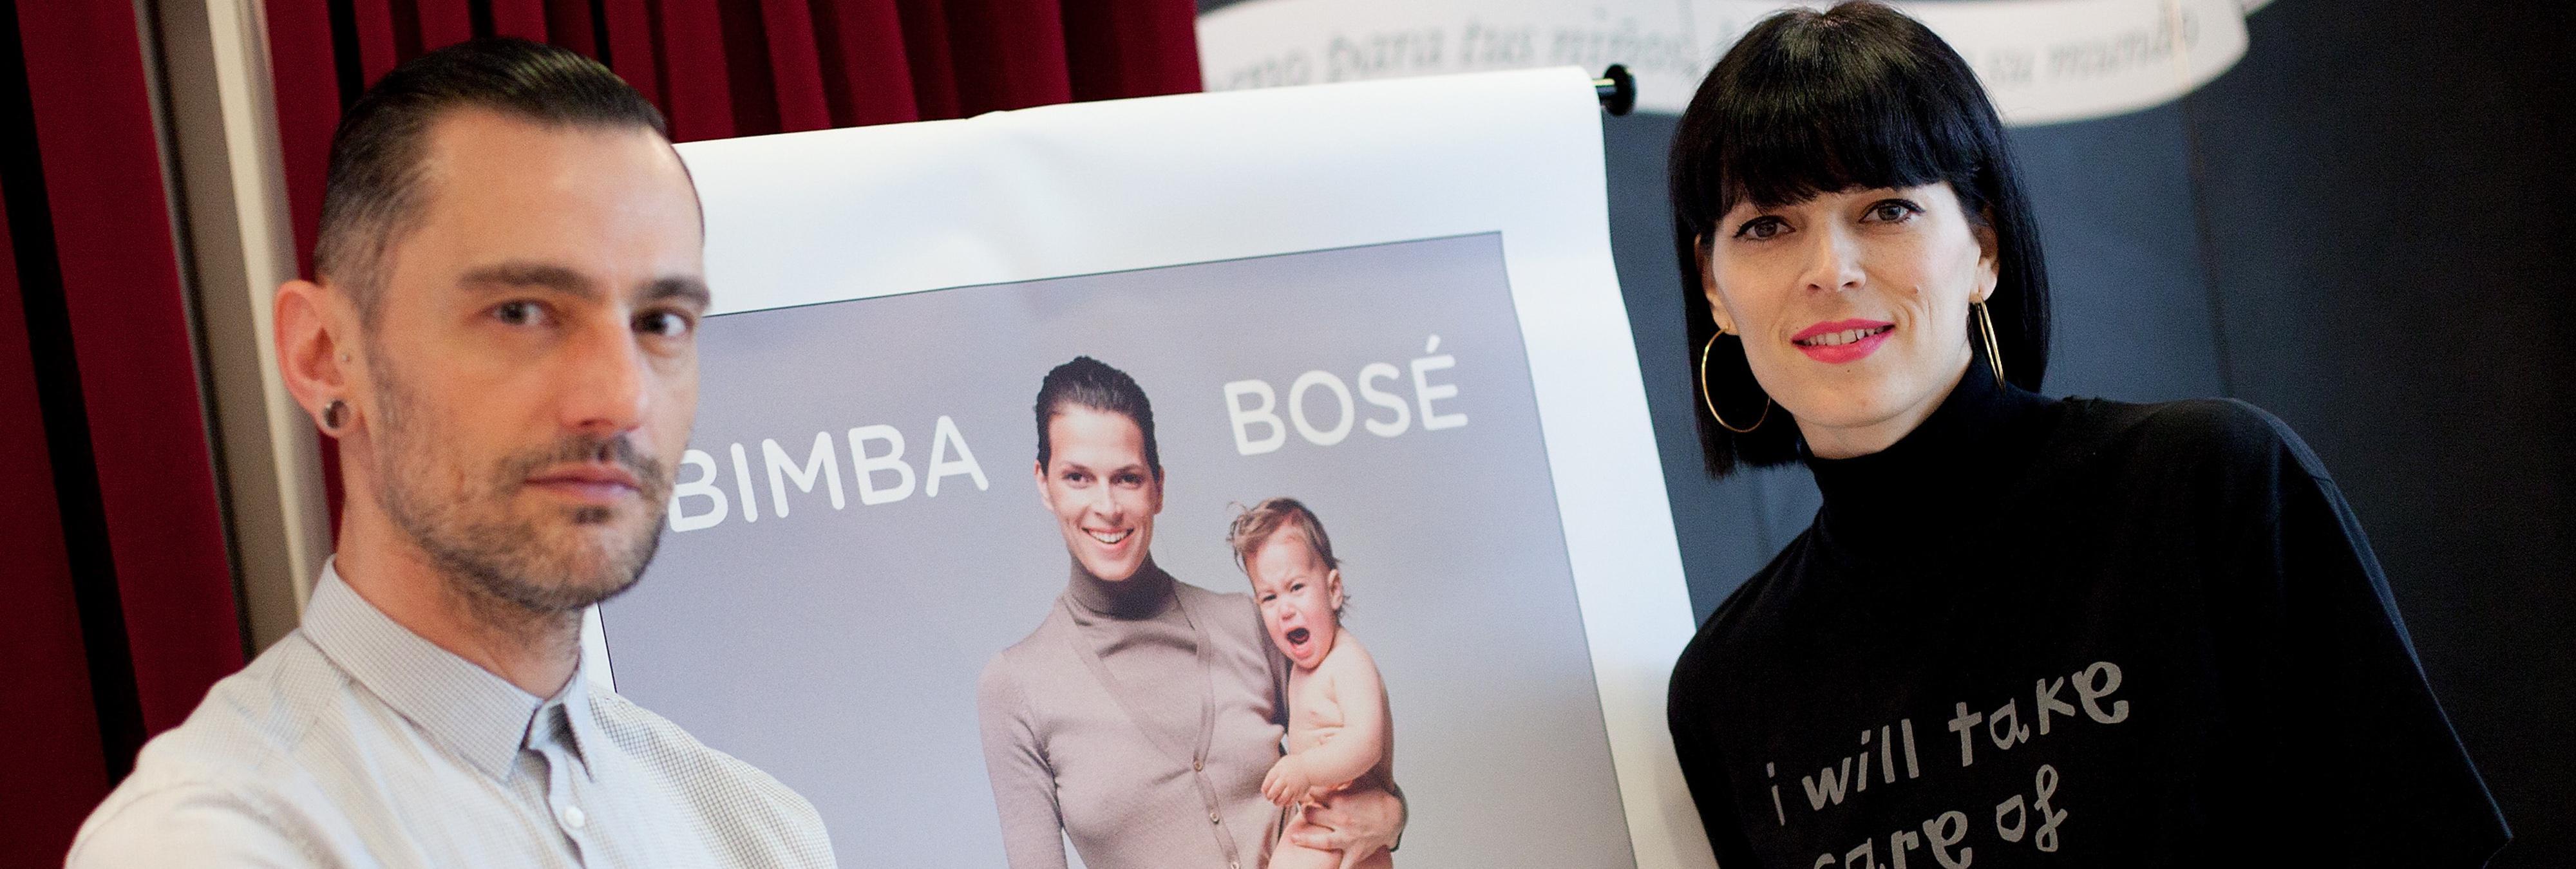 #BimbaForever: David Delfín empapela Madrid con fotografías de Bimba Bosé